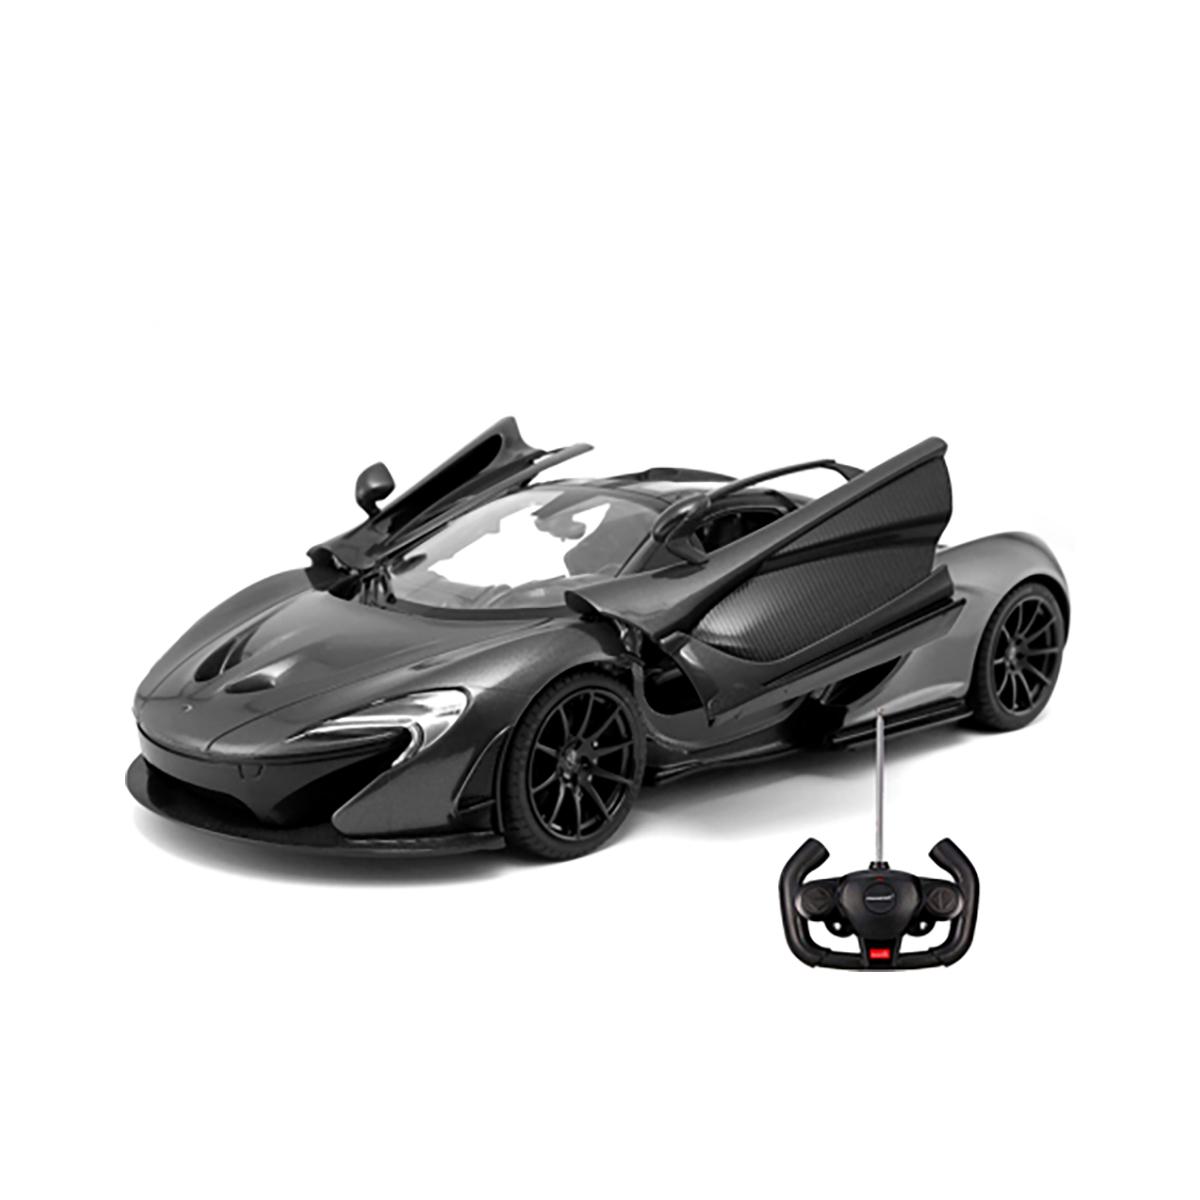 Masina cu telecomanda Rastar McLaren P1, 1:24, Negru